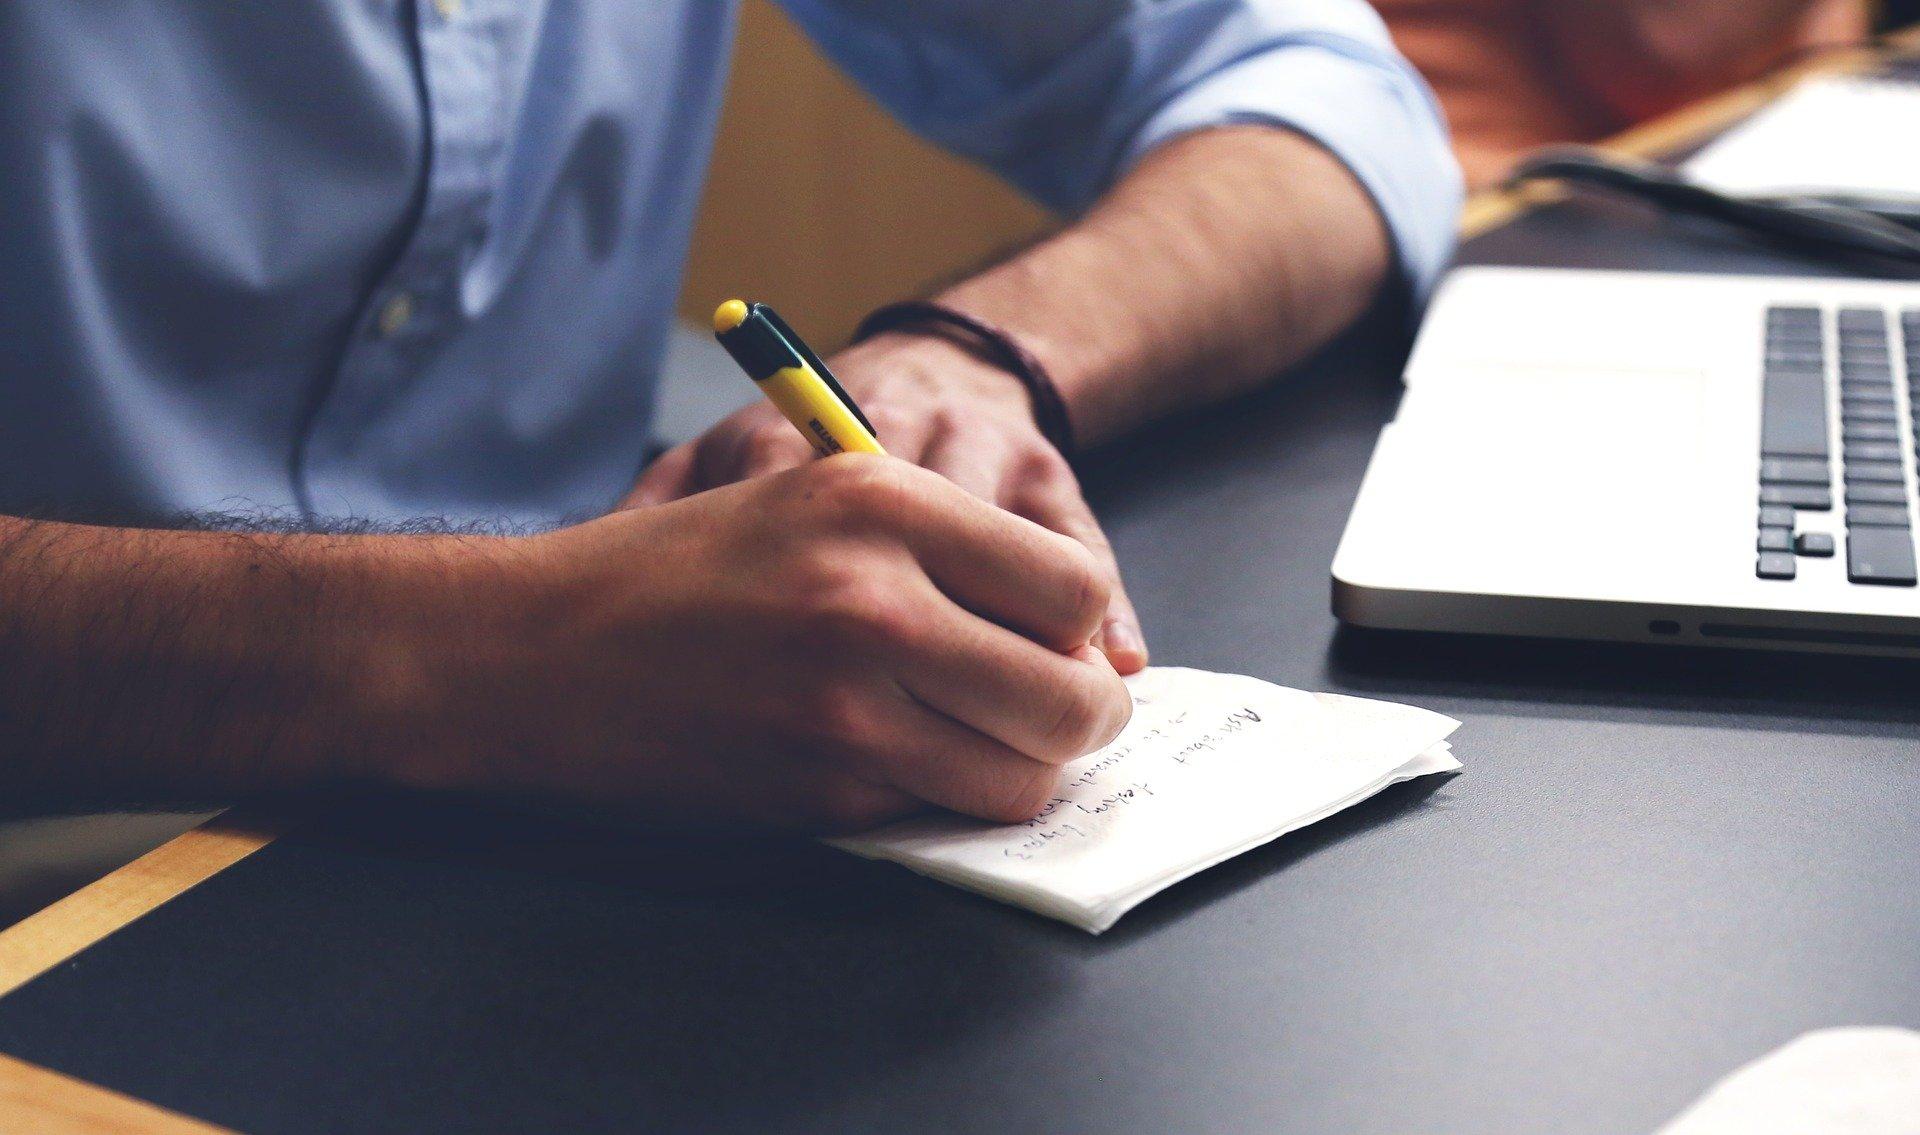 Schreibender Mensch neben Laptop